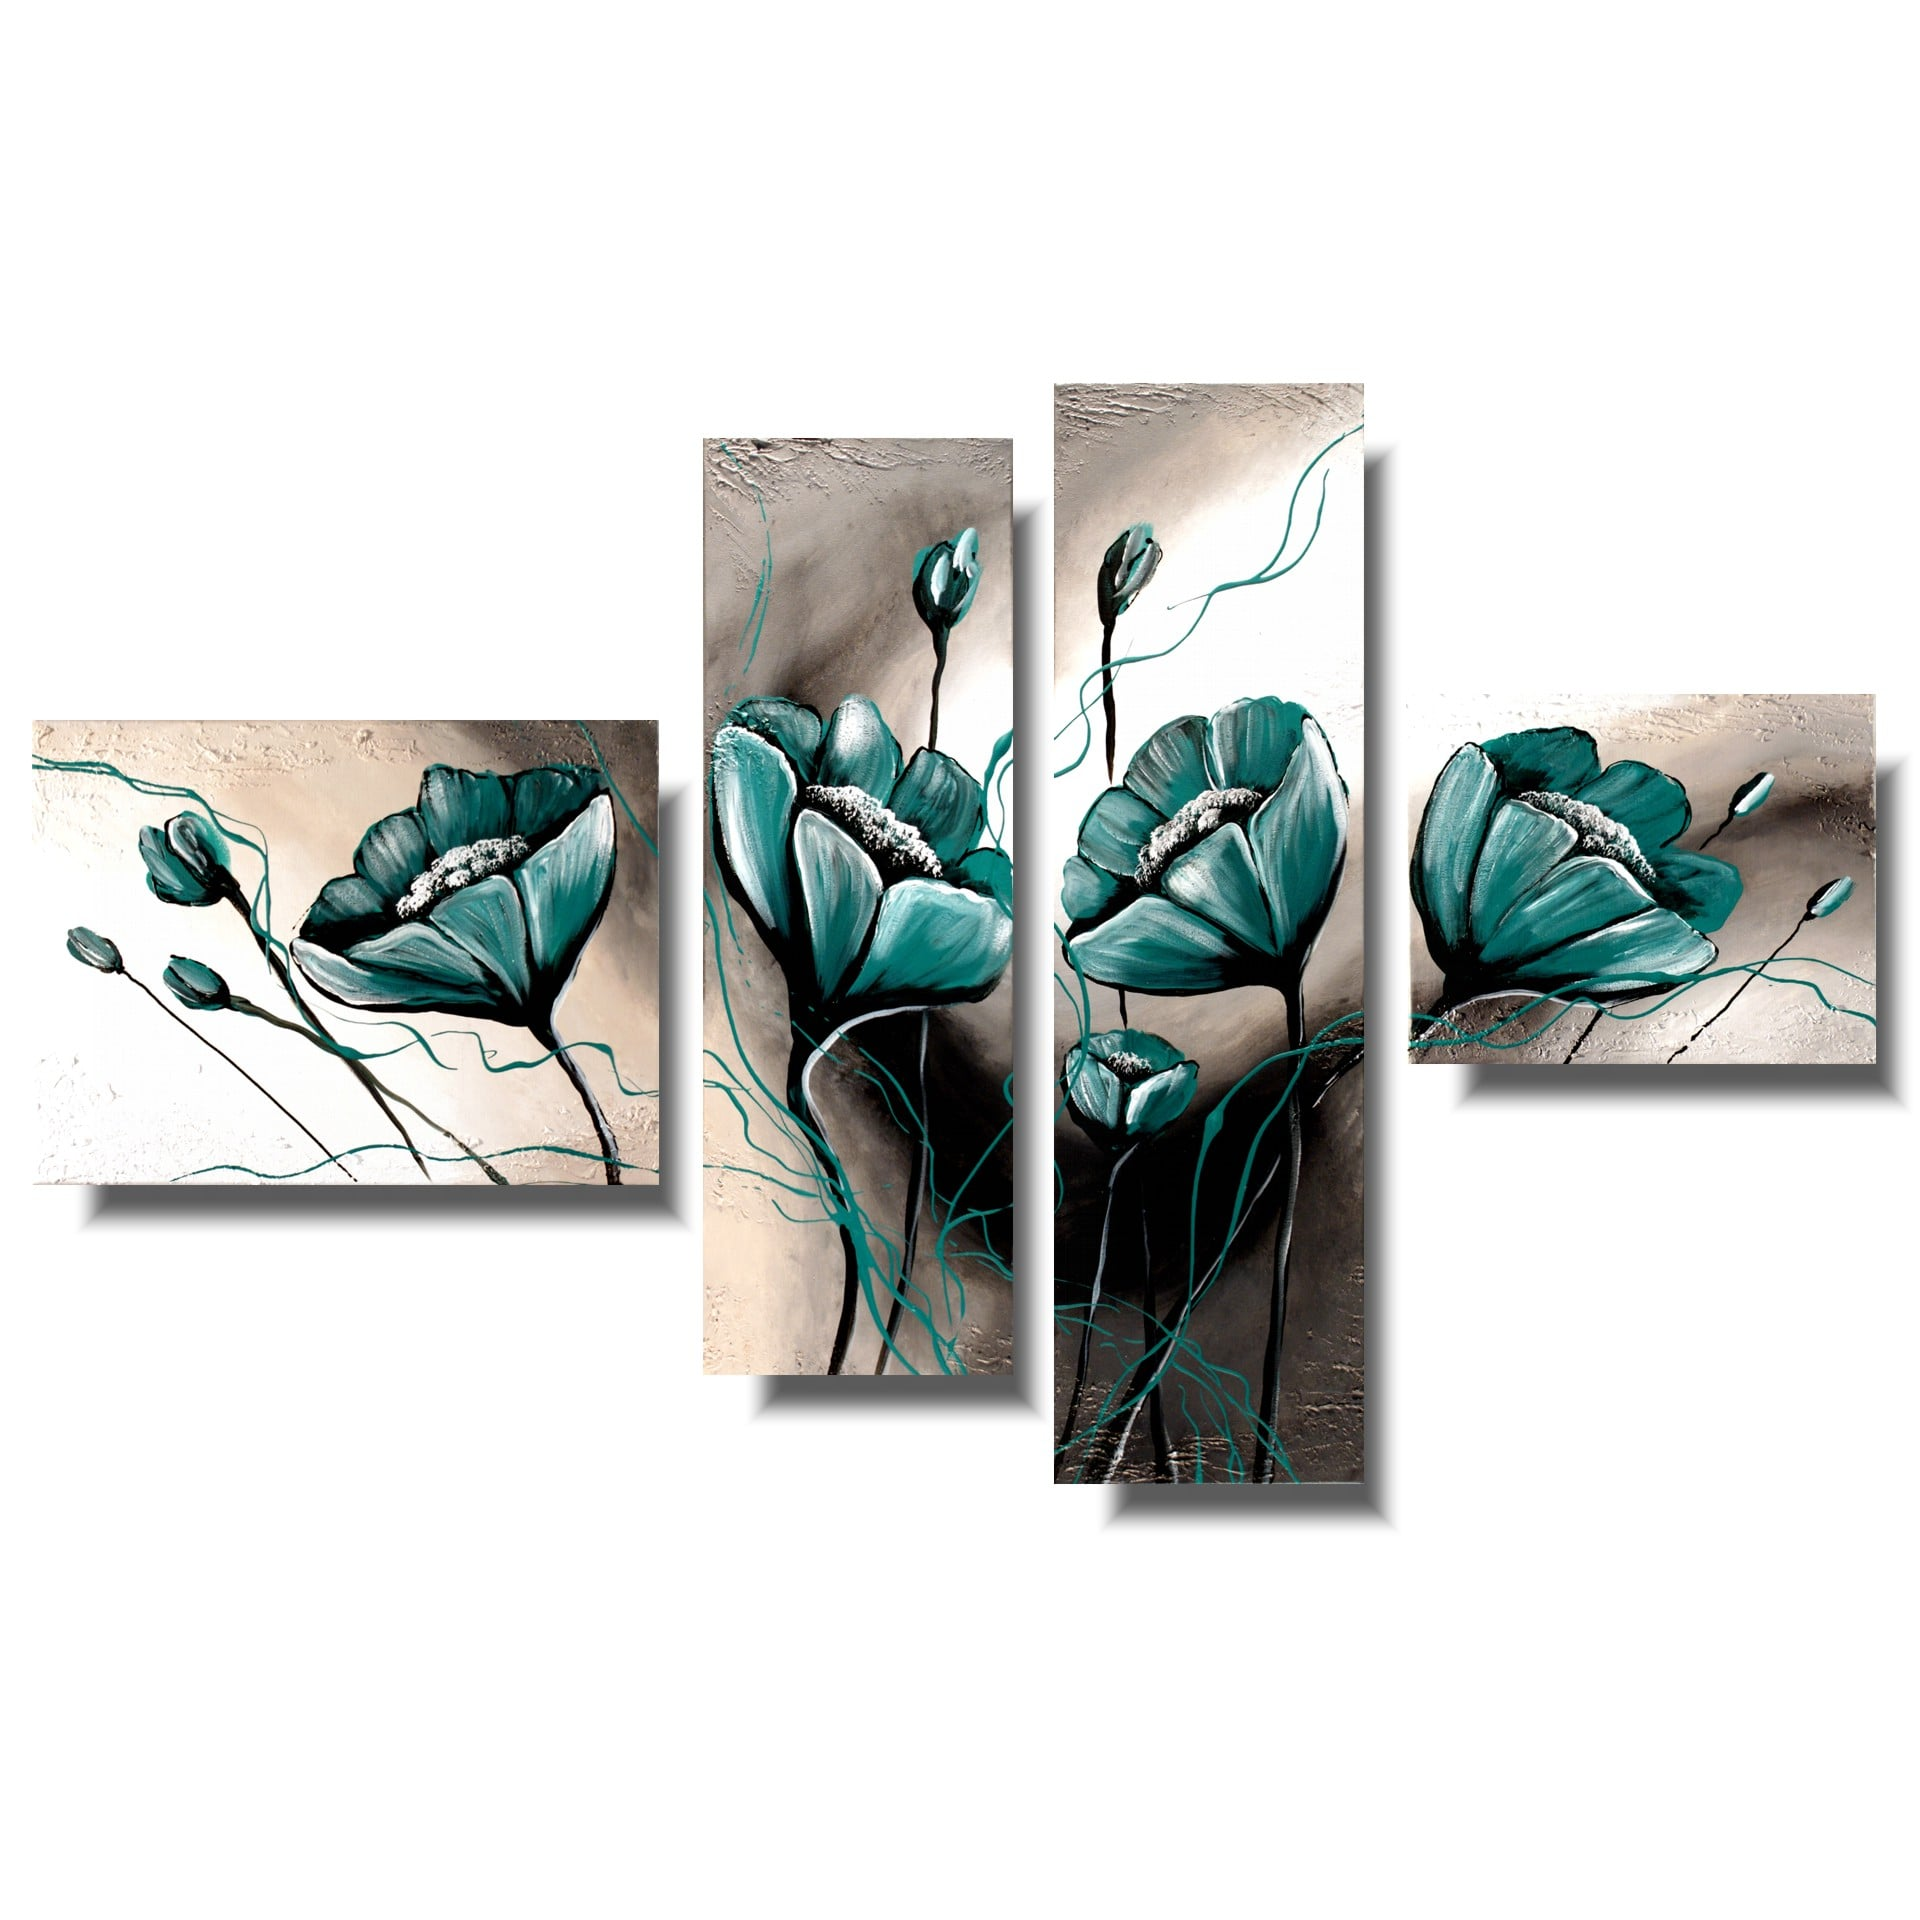 Turkusowe kwiaty obraz